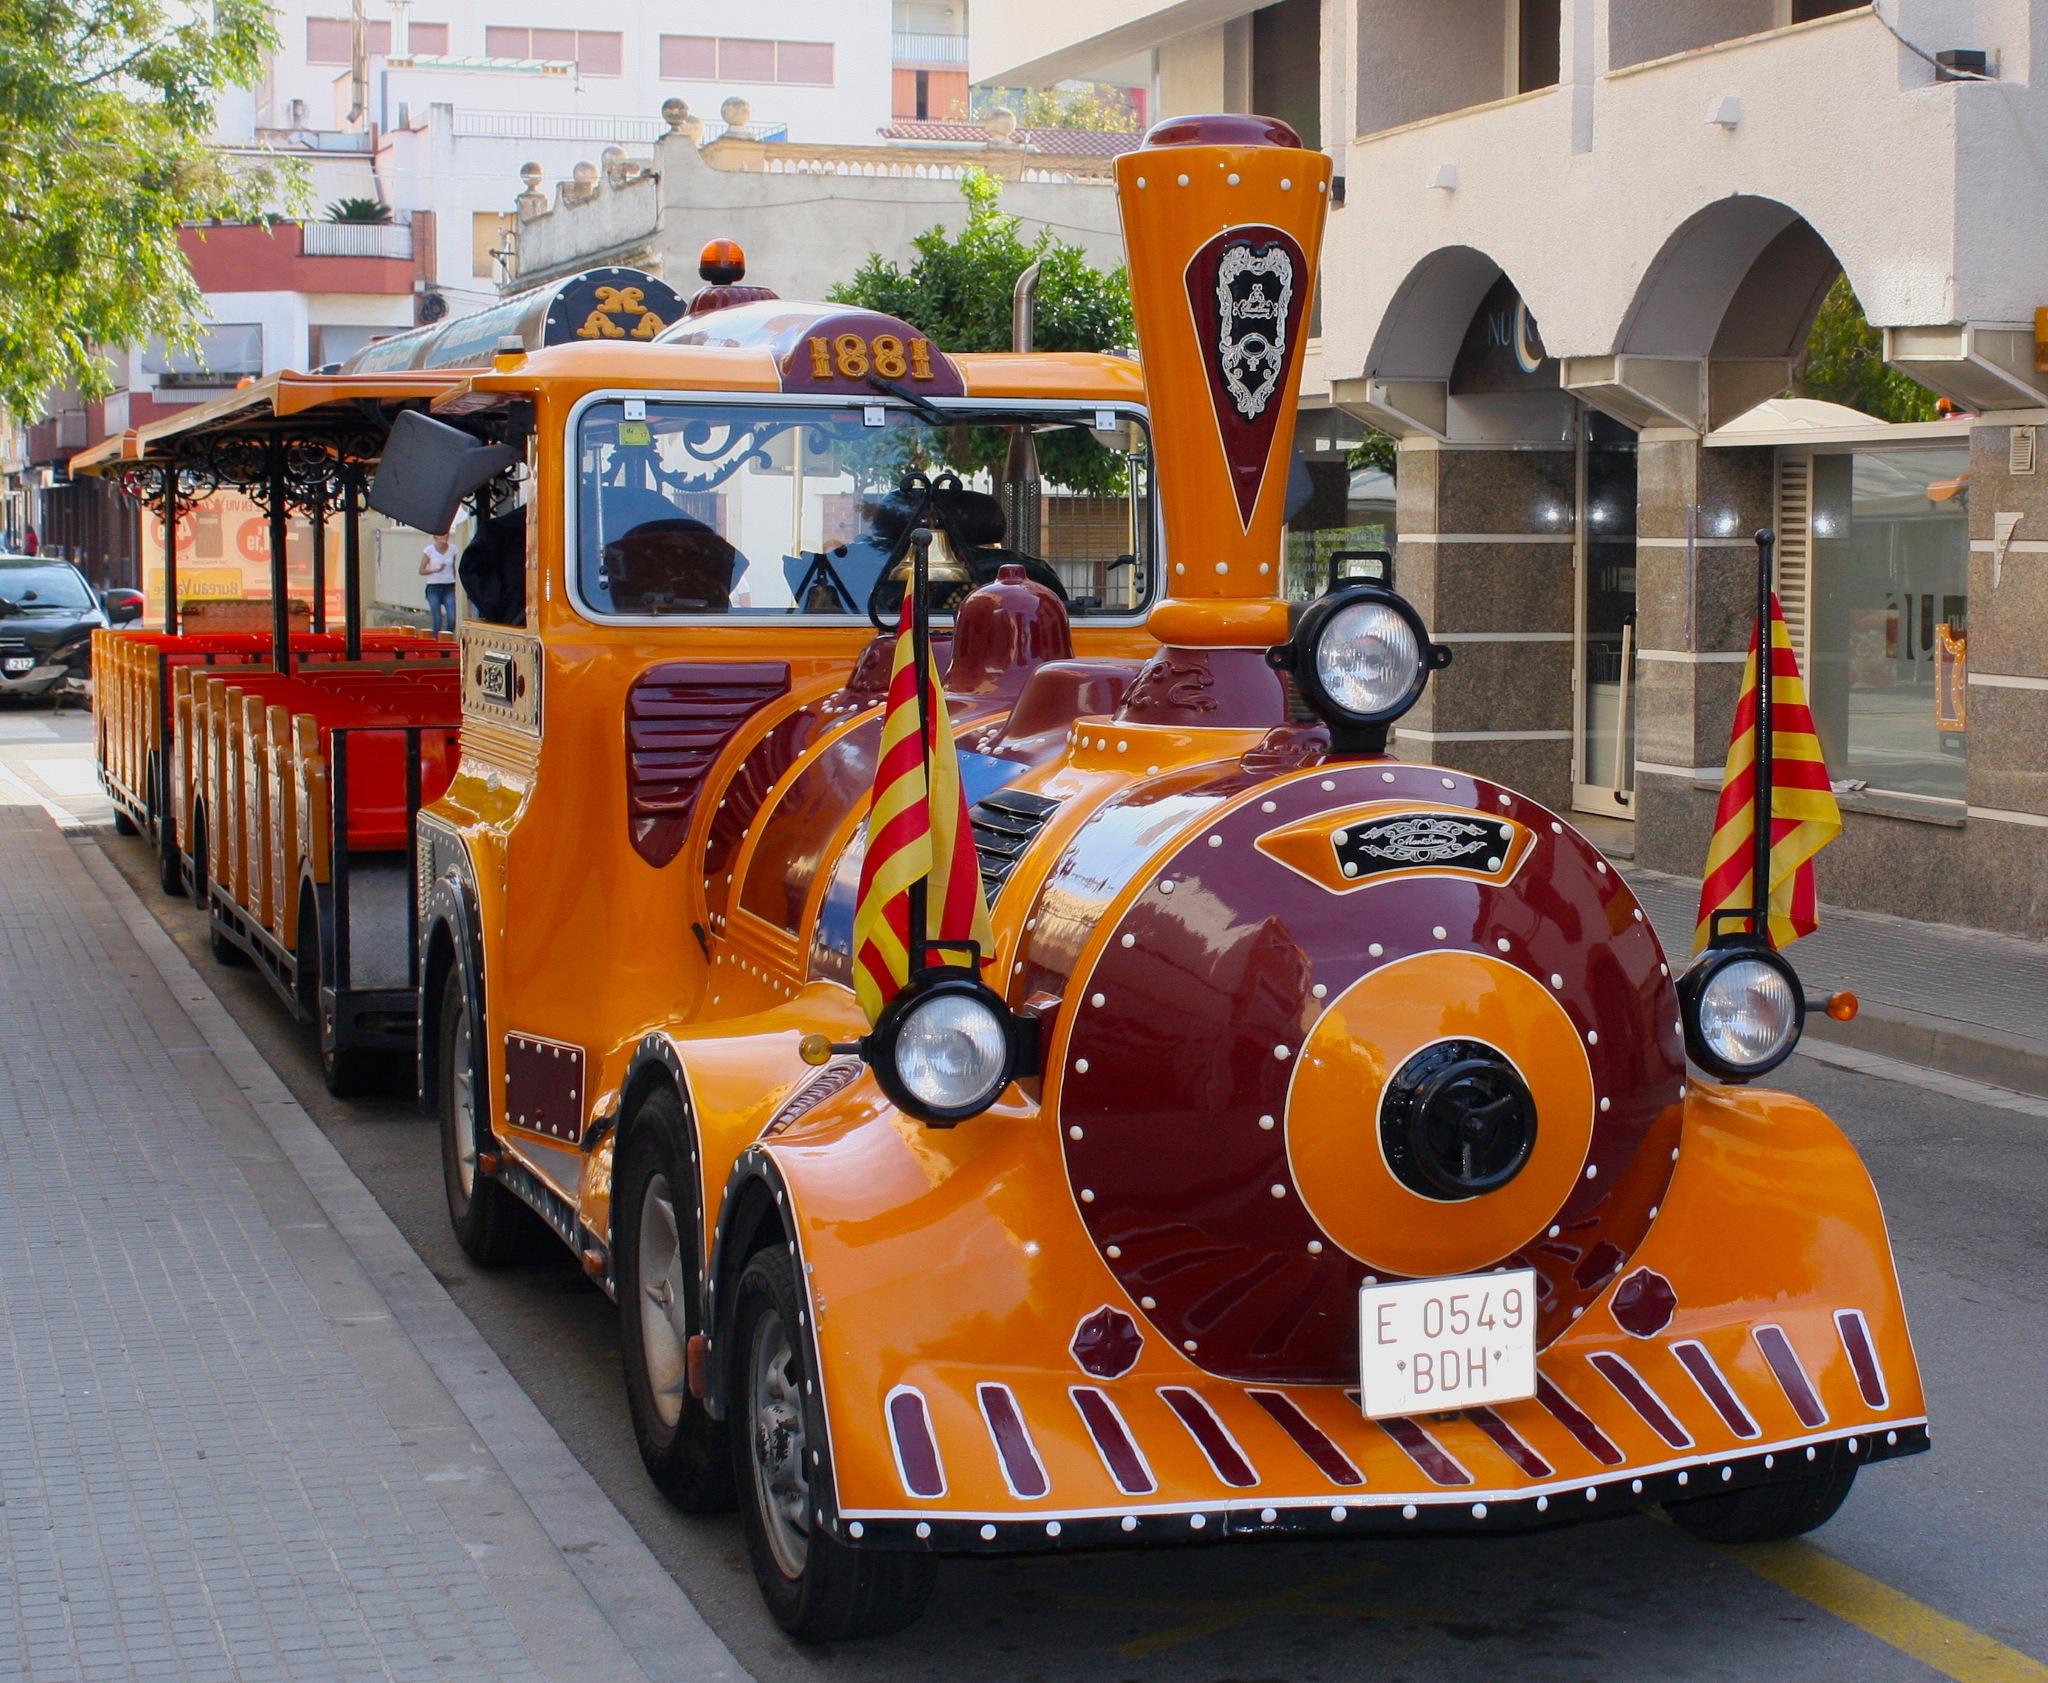 Mini-Train by Ddolfelin